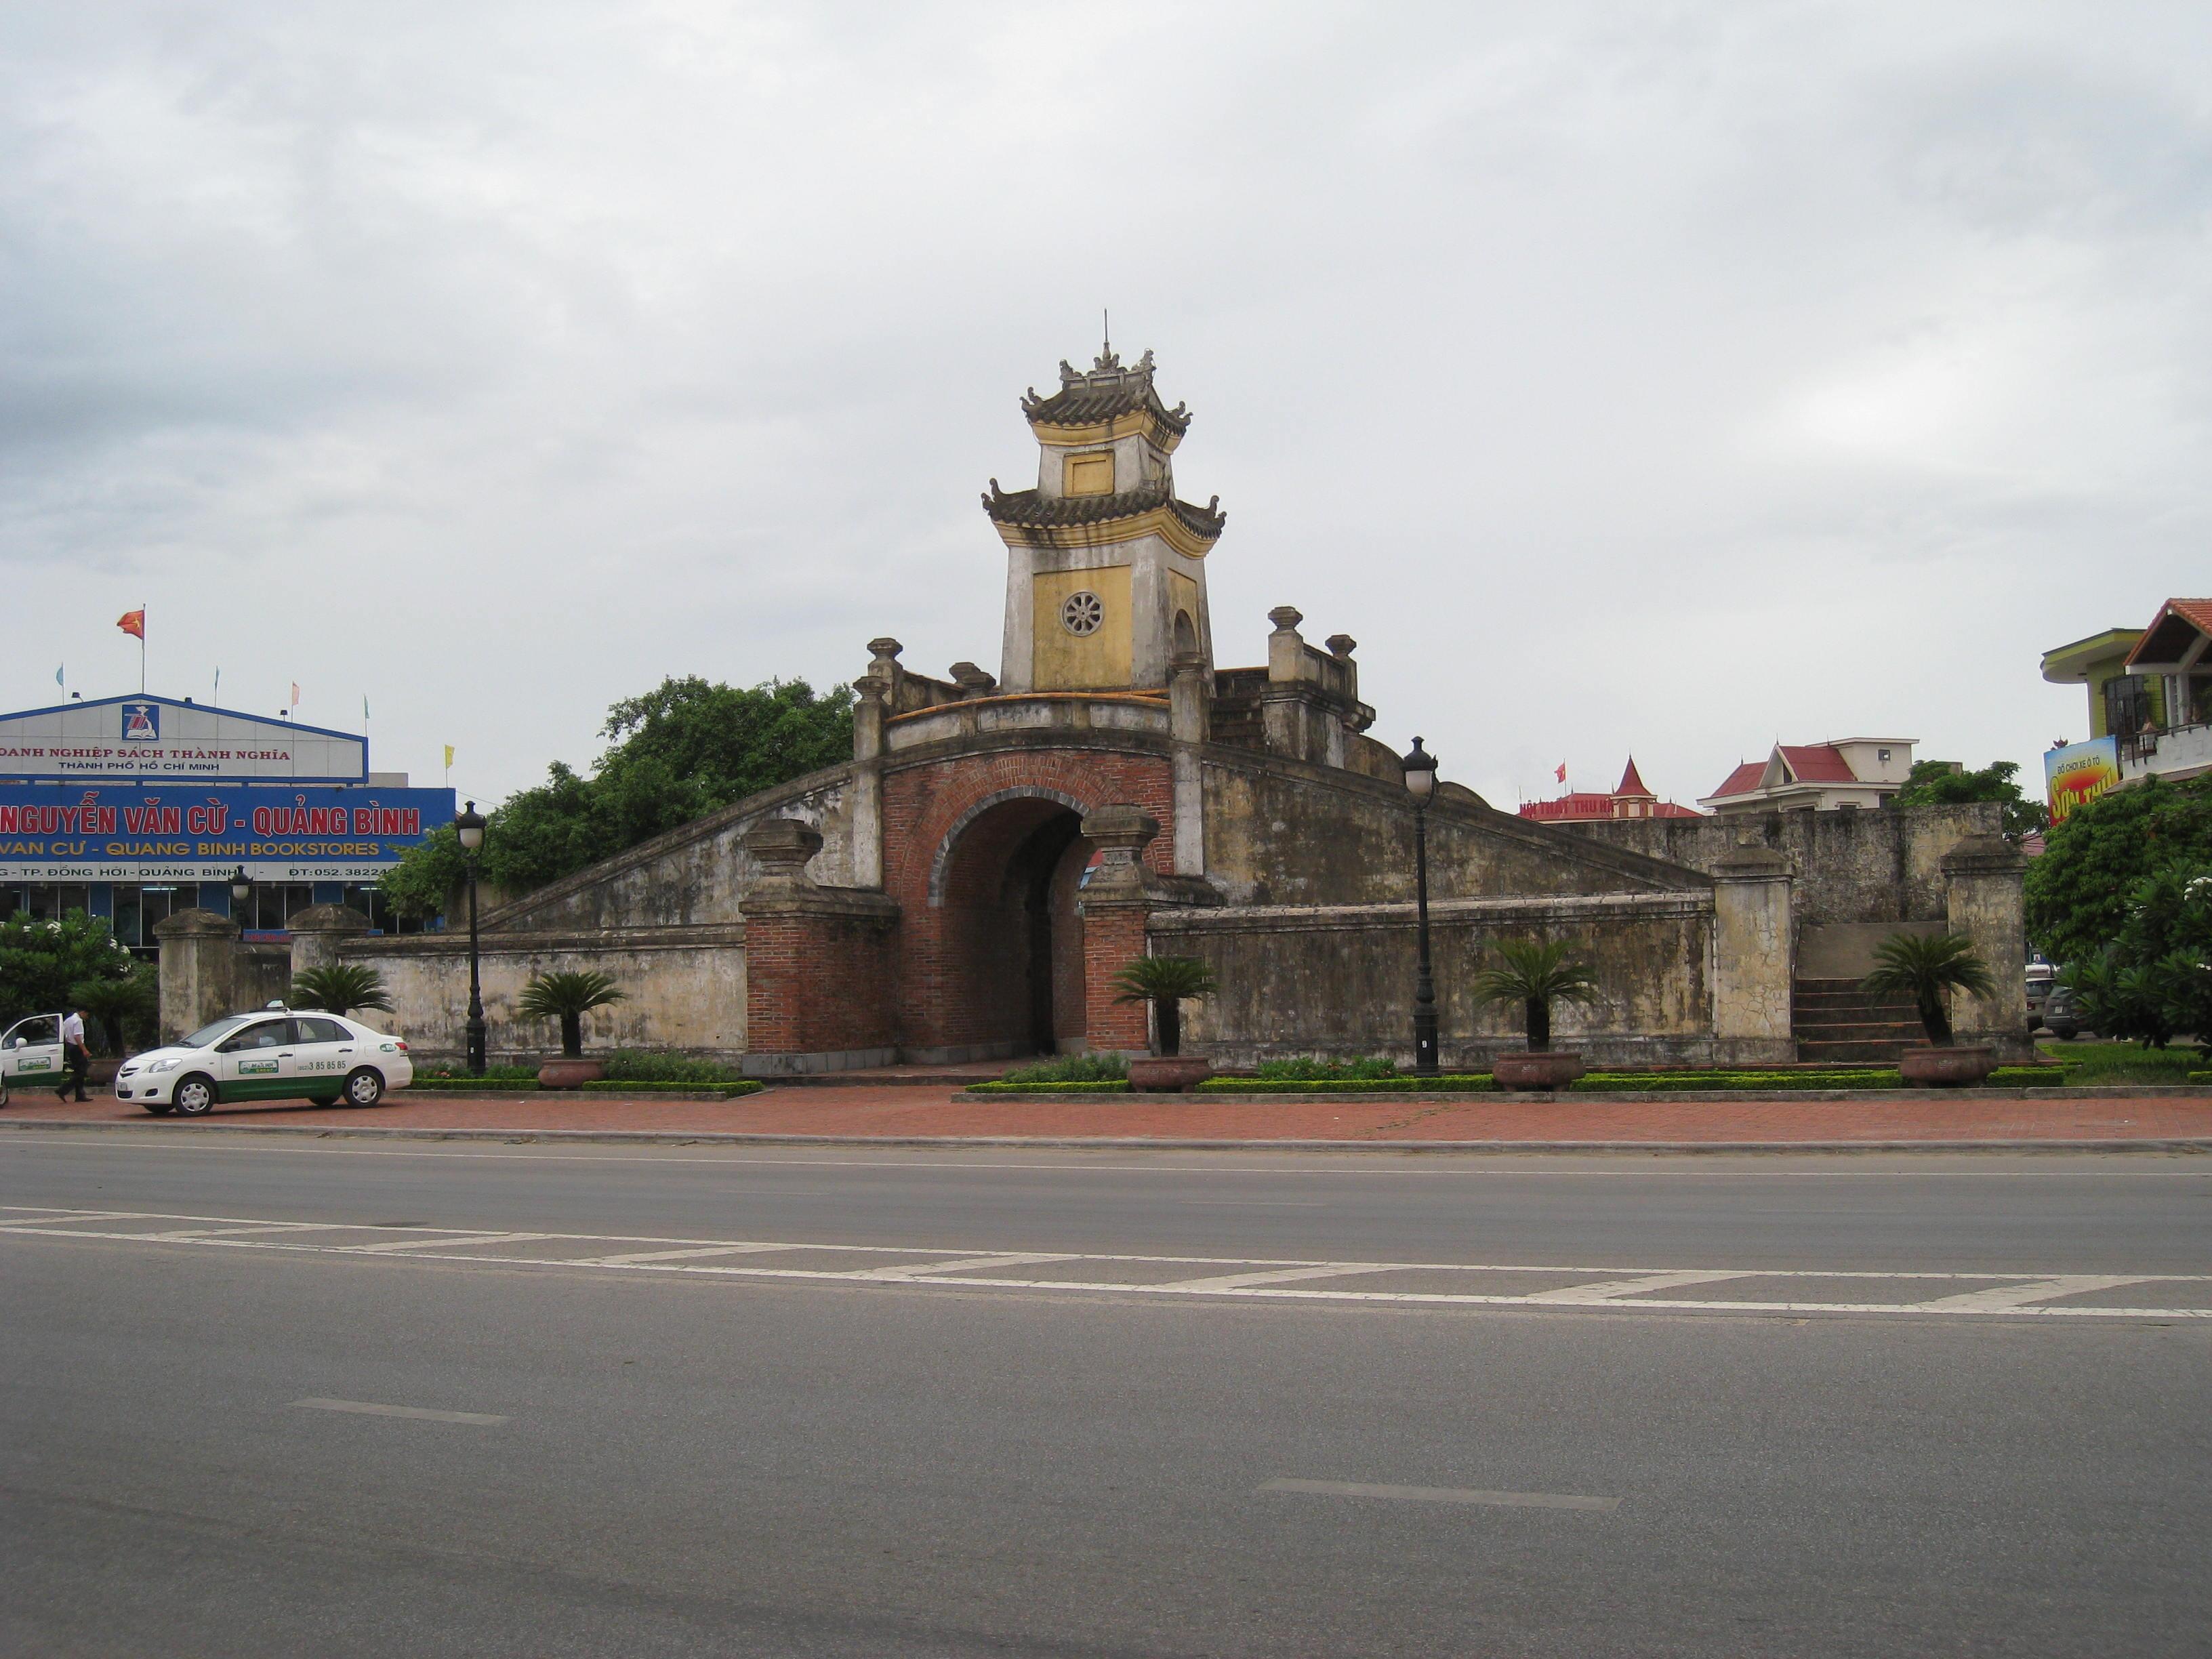 Bán nhớt Repsol chính hãng tại Quảng Bình